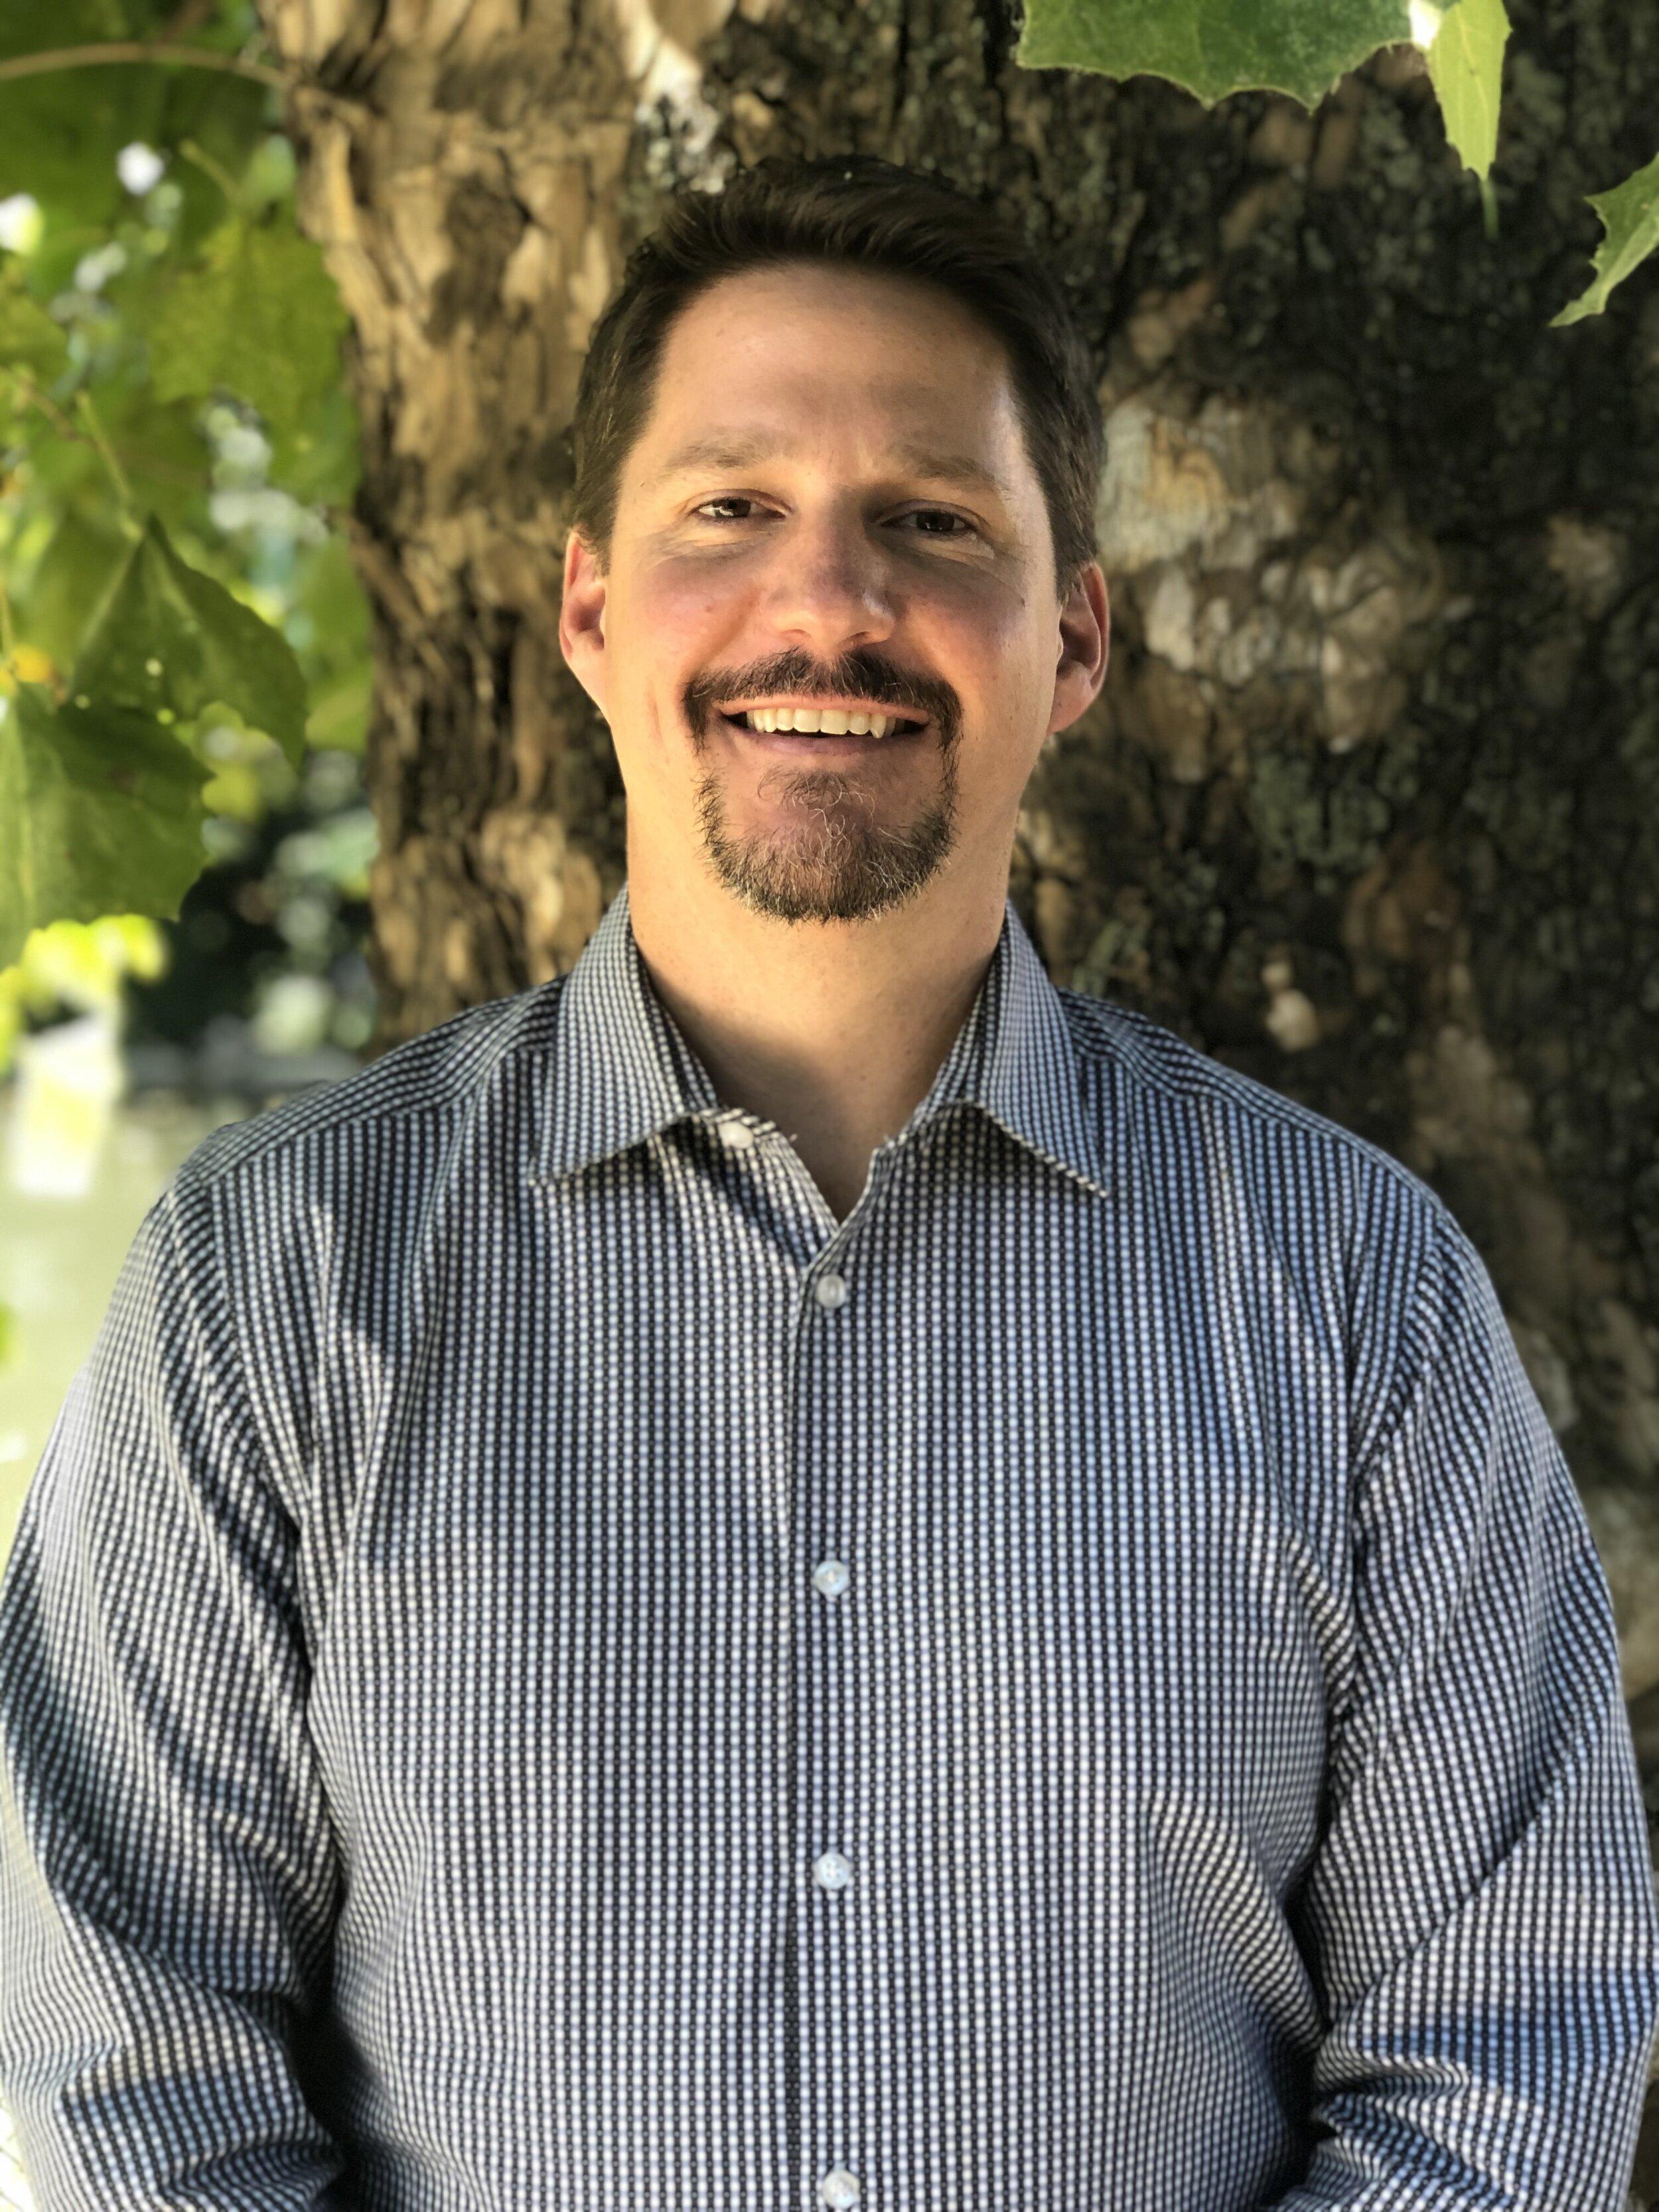 Tim Pellegrin, LMSW - Therapist